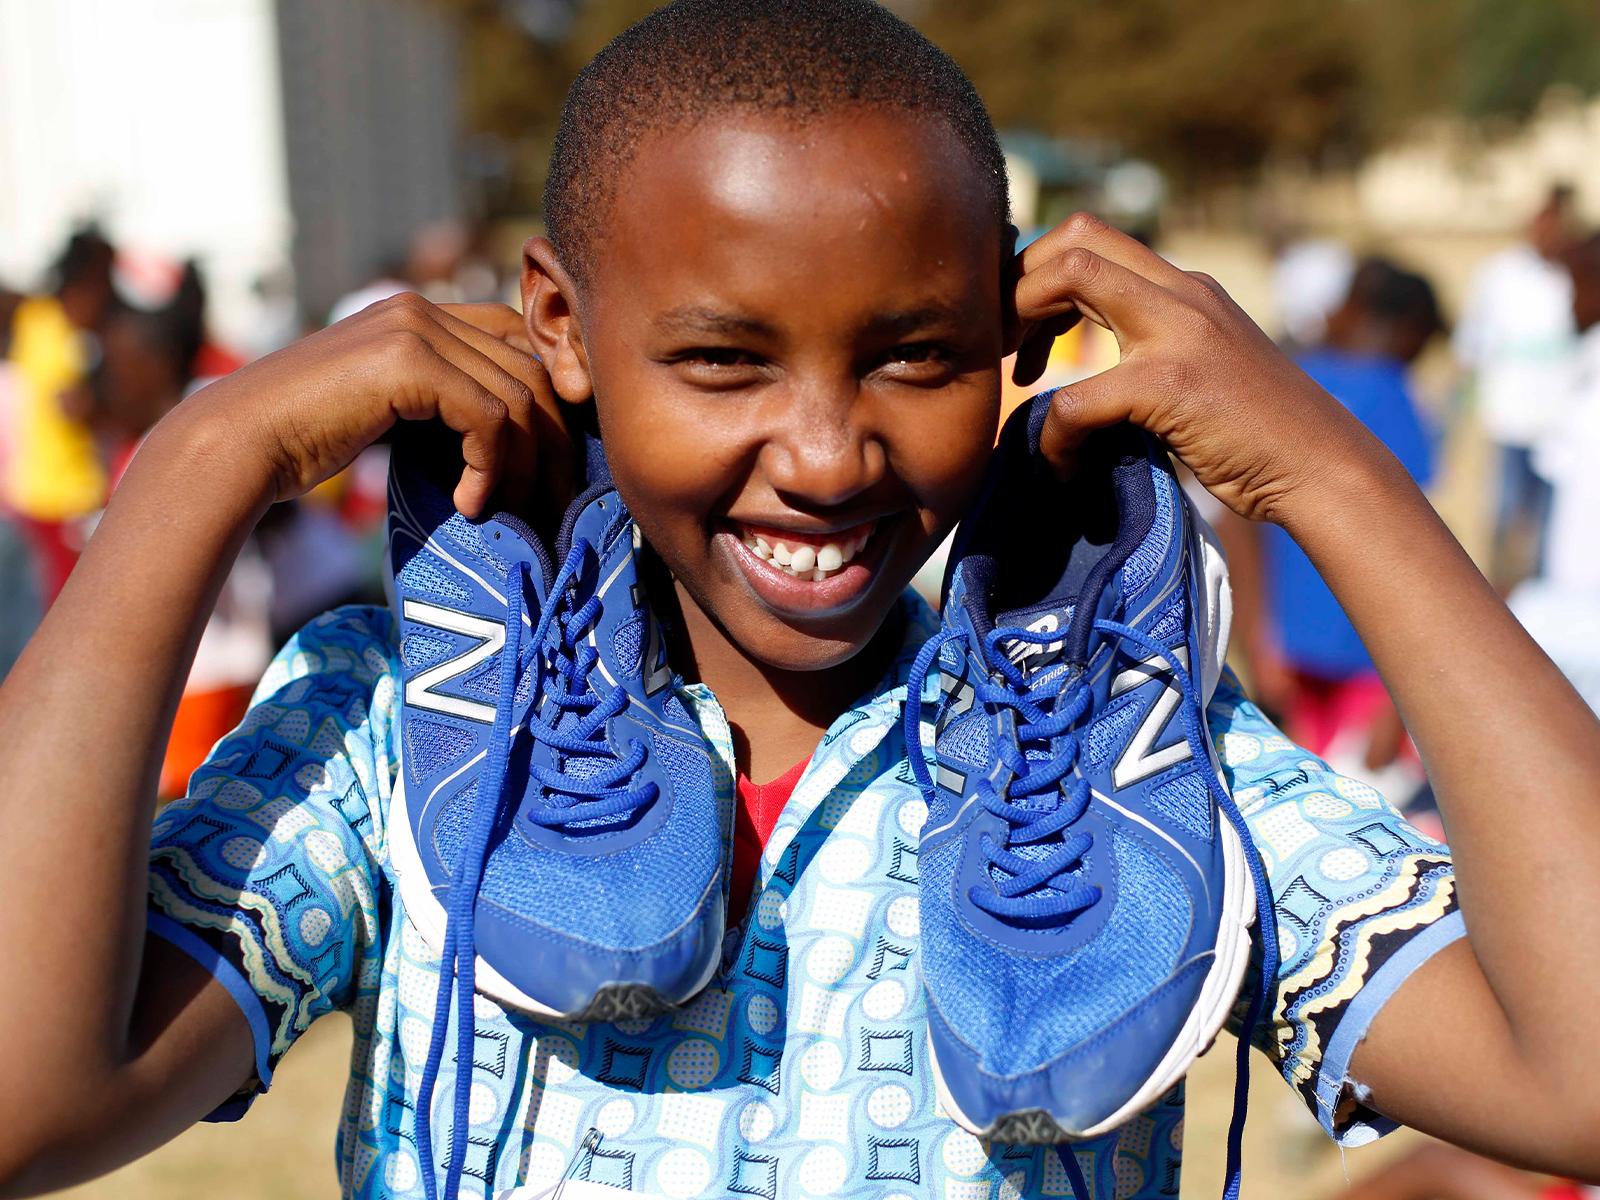 今年2月24日にケニア・ナイロビ近郊の街・キアンブで開催した「ランニング・イベント2018@ケニア キアンブ」の様子。地元の4校の小学校から男女児童・計359人が参加し、力走を見せてくれた。